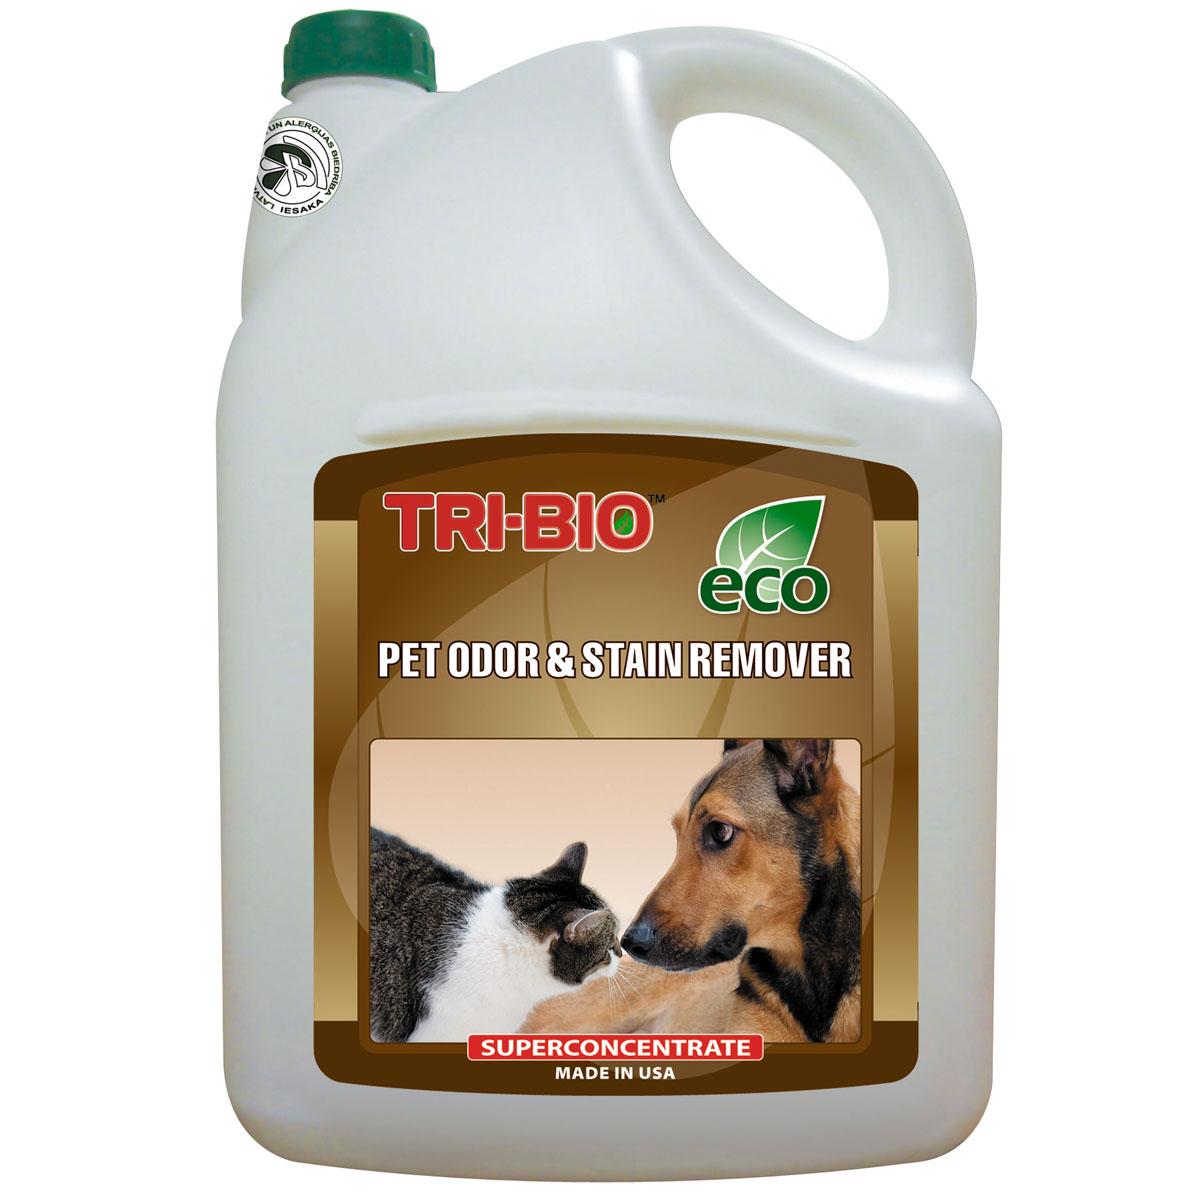 Биосредство Tri-Bio для удаления запахов и пятен от домашних животных, 4,4 л68/5/3Биосредство Tri-Bio моментально и полностью уничтожает неприятные запахи и пятна мочи, испражнений и других выделений животных с ковров, мягкой мебели, дерева, ламинита и любой другой поверхности. Ликвидирует неприятные запахи, не маскируя их, a устраняя их причину. Абсолютно безопасно для всех типов поверхностей. В отличие от стандартных химических продуктов, легко проникает в швы, позволяет обеспечить более длительный контроль запаха и более глубокую чистку. Абсолютно безвредно для животных!Особенности биосредства Tri-Bio для здоровья:Без фосфатов, без растворителей, без хлора отбеливающих веществ, без абразивных веществ, без красителей, без токсичных веществ, нейтральный pH. Безопасная альтернатива химическим аналогам. Присвоен сертификат ECO GREEN.Особенности биосредства Tri-Bio для окружающей среды:Низкий уровень ЛОС, легко биоразлагаемо, минимальное влияние на водные организмы, рециклируемые упаковочные материалы, не испытывалось на животных. Особо рекомендуется использовать в домах с автономной канализацией.Способ применения:Хорошо взболтайте средство. Пропитайте средством проблемную зону и оставьте высыхать. Для удаления пятен, потрите влажной щеткой, затем промокните губкой. Для мойки разбавьте 50 мл средства на ведро воды.Примечание:Проверьте ткань на цветоустойчивость, нанеся средство на скрытый участок ткани. Характеристики:Объем: 4,4 мл. Производитель: США. Артикул: 0079.